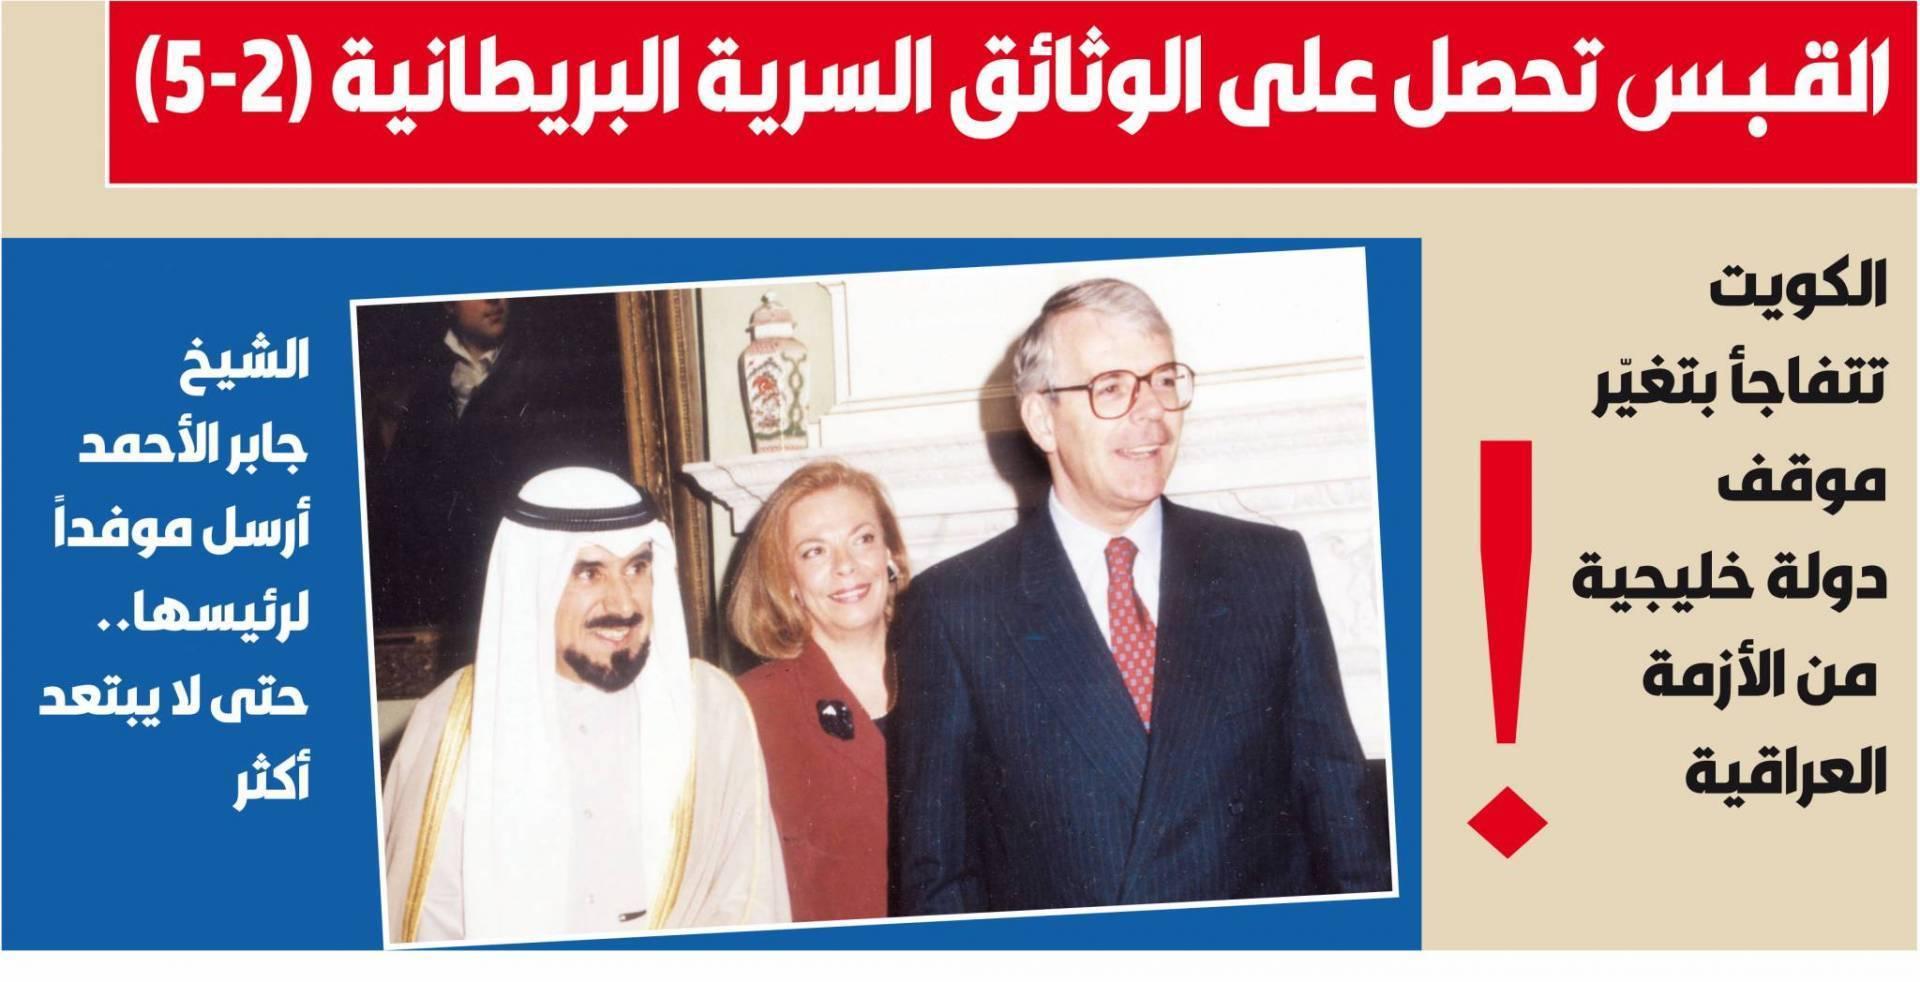 الكويت تتفاجأ بتغيّر موقف دولة خليجية من الأزمة العراقية !